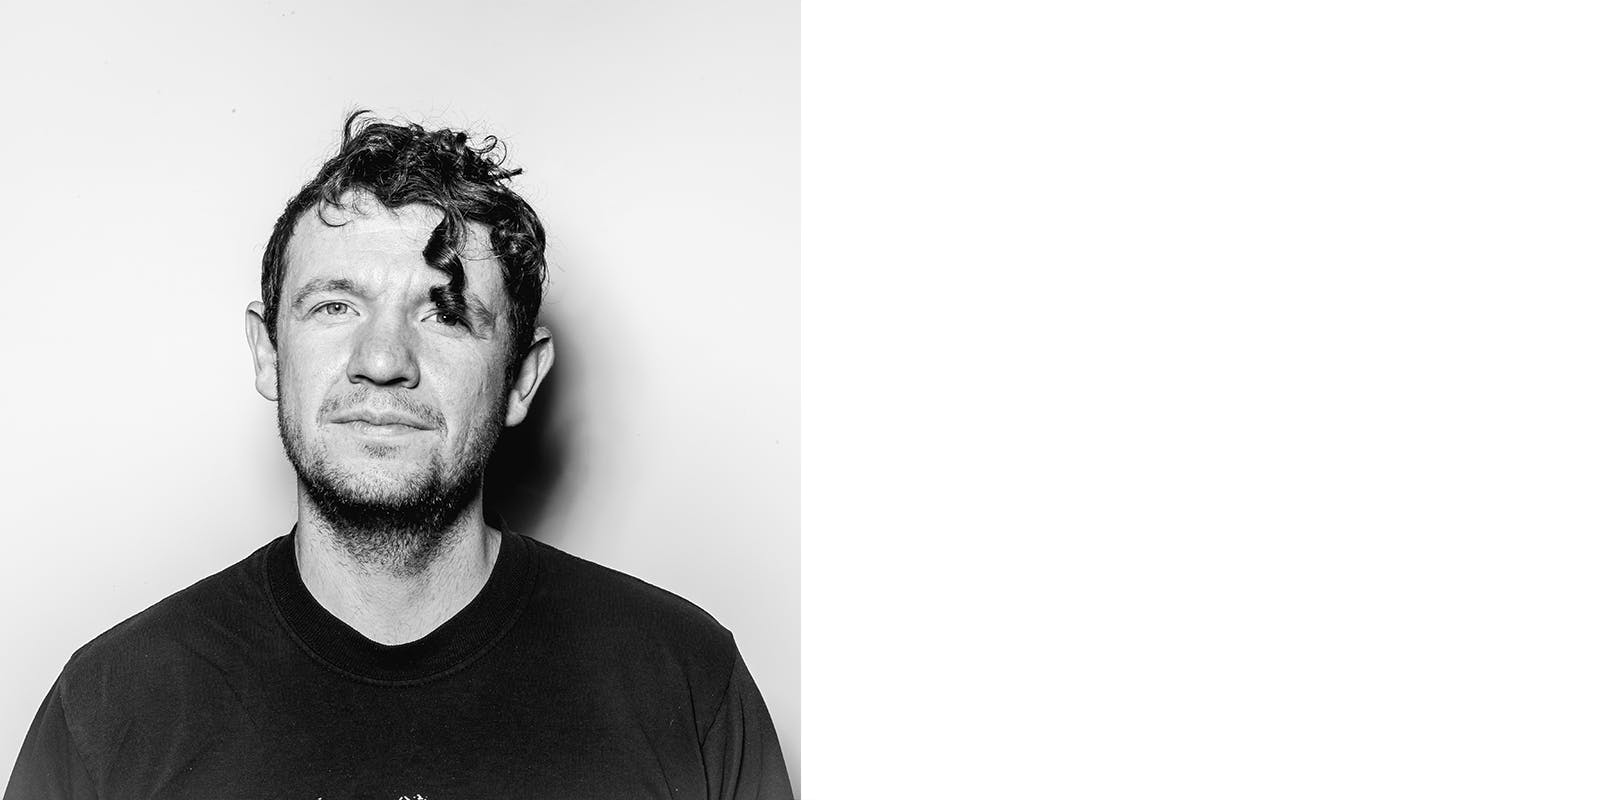 Brian Stegall's headshot